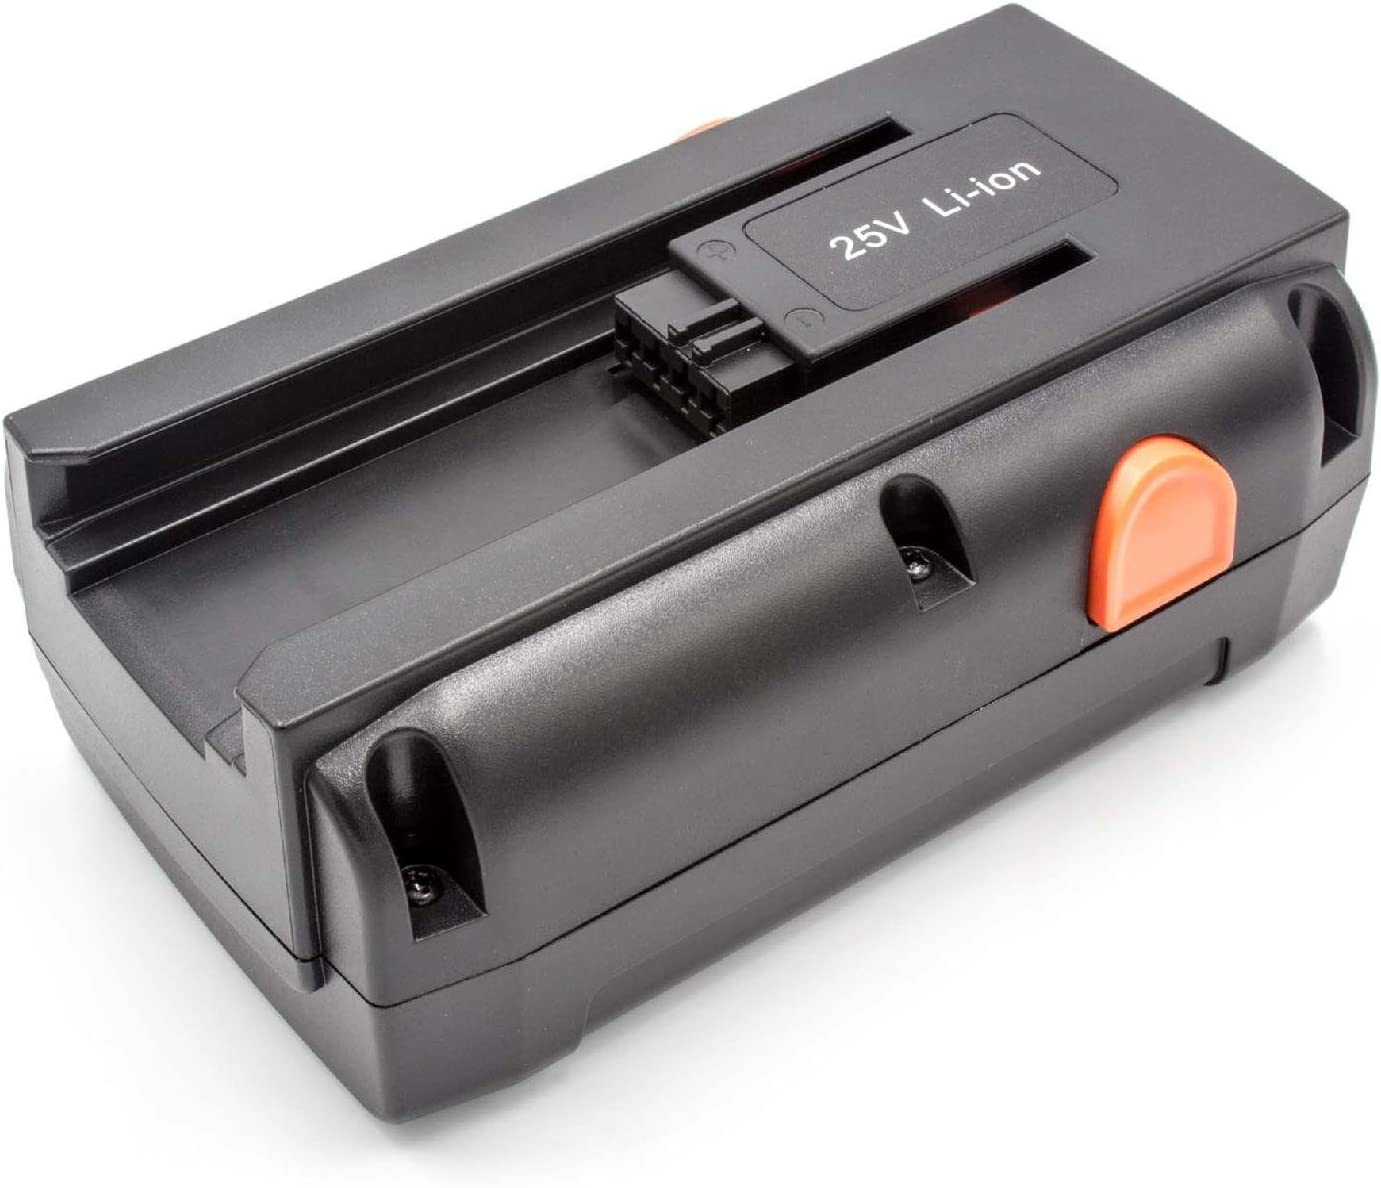 vhbw Batería Compatible con Gardena cortacéspedes helicoidales 380 C, 380 EC, 380 Li, 4024-20, 40254-20, 4028-20 (Li-Ion, 3000mAh, 25V)